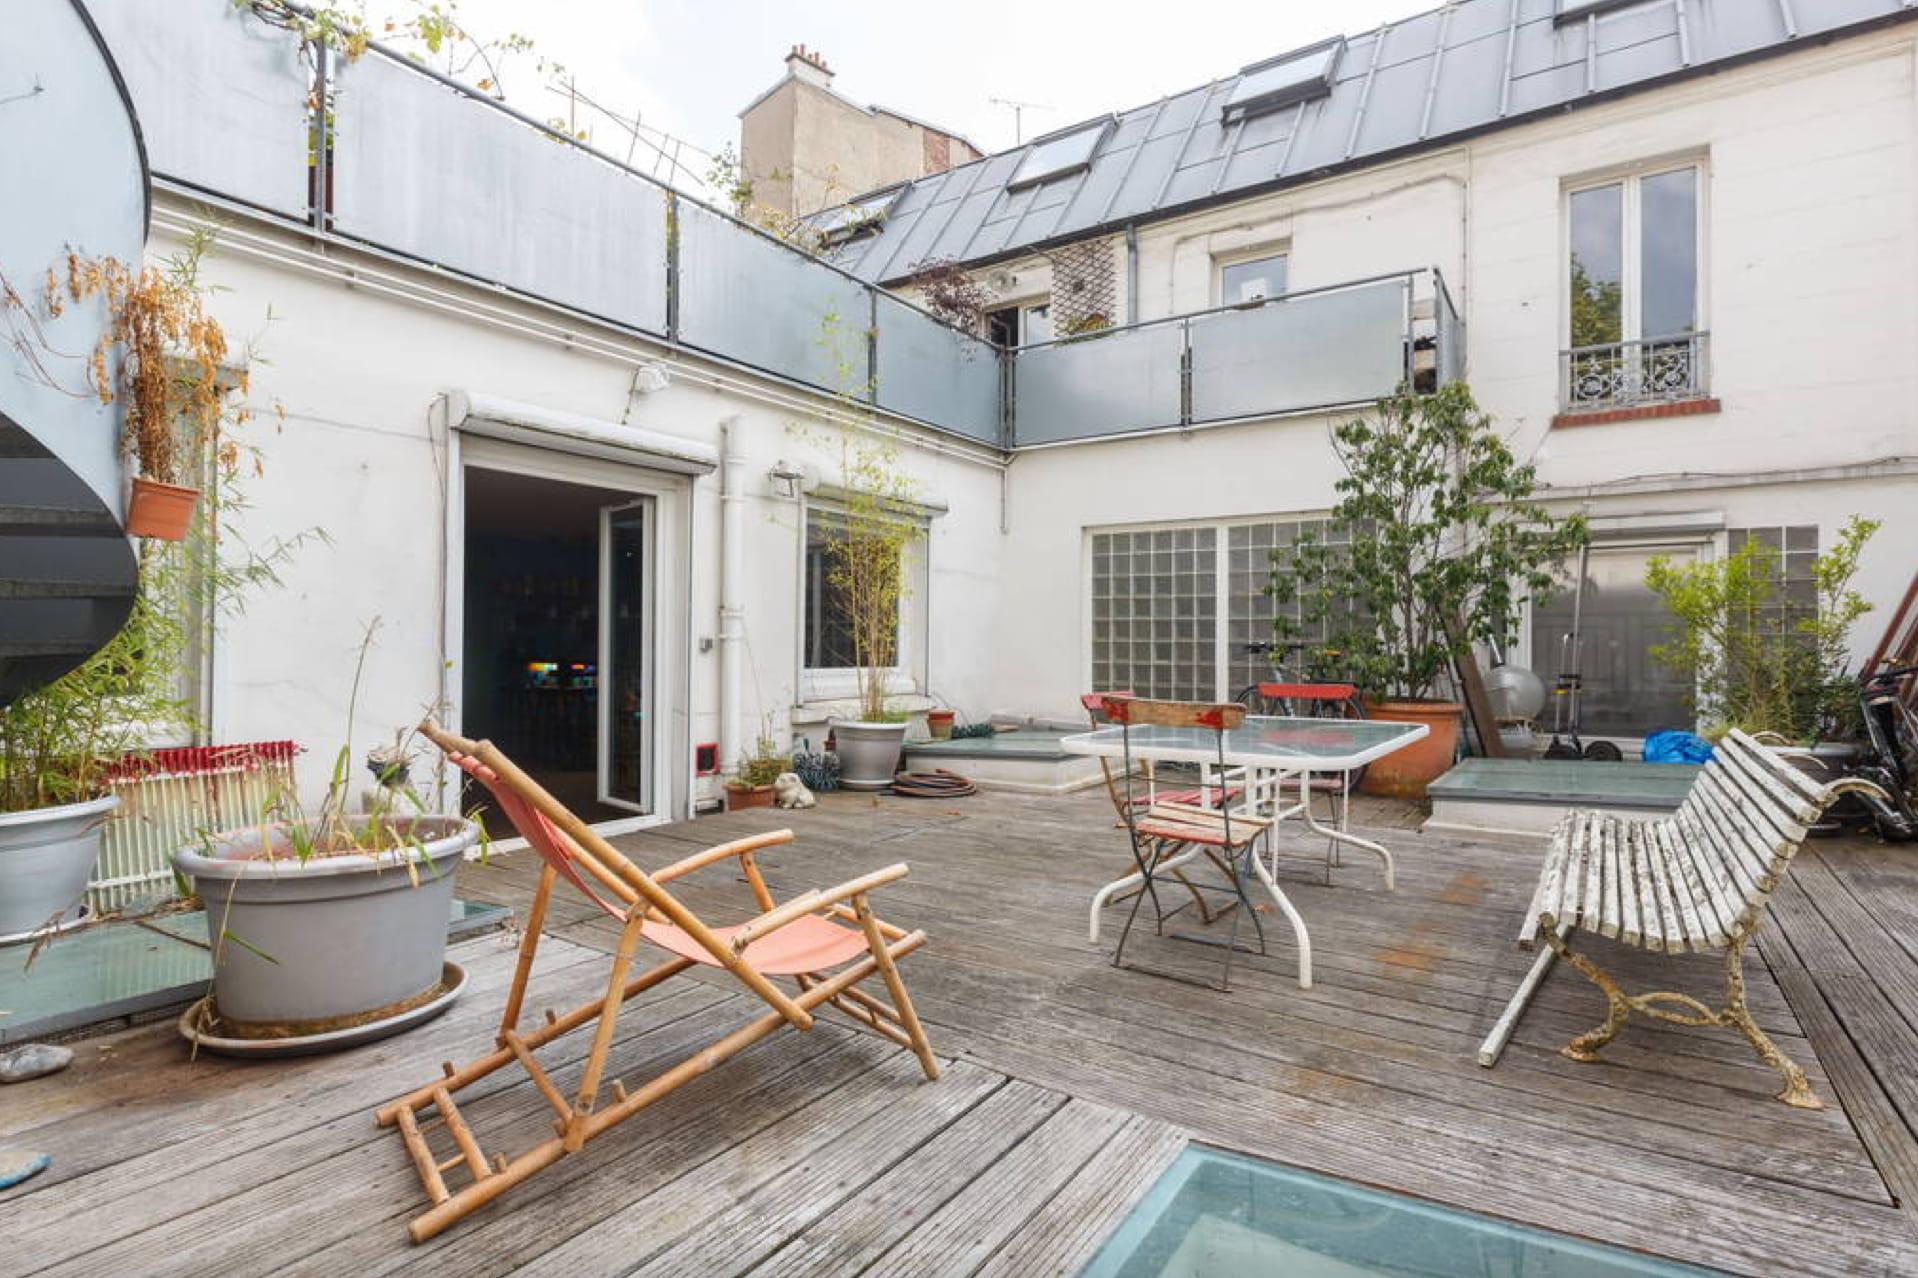 un loft d 39 artiste sur les toits de paris 15 locations airbnb insolites en france linternaute. Black Bedroom Furniture Sets. Home Design Ideas